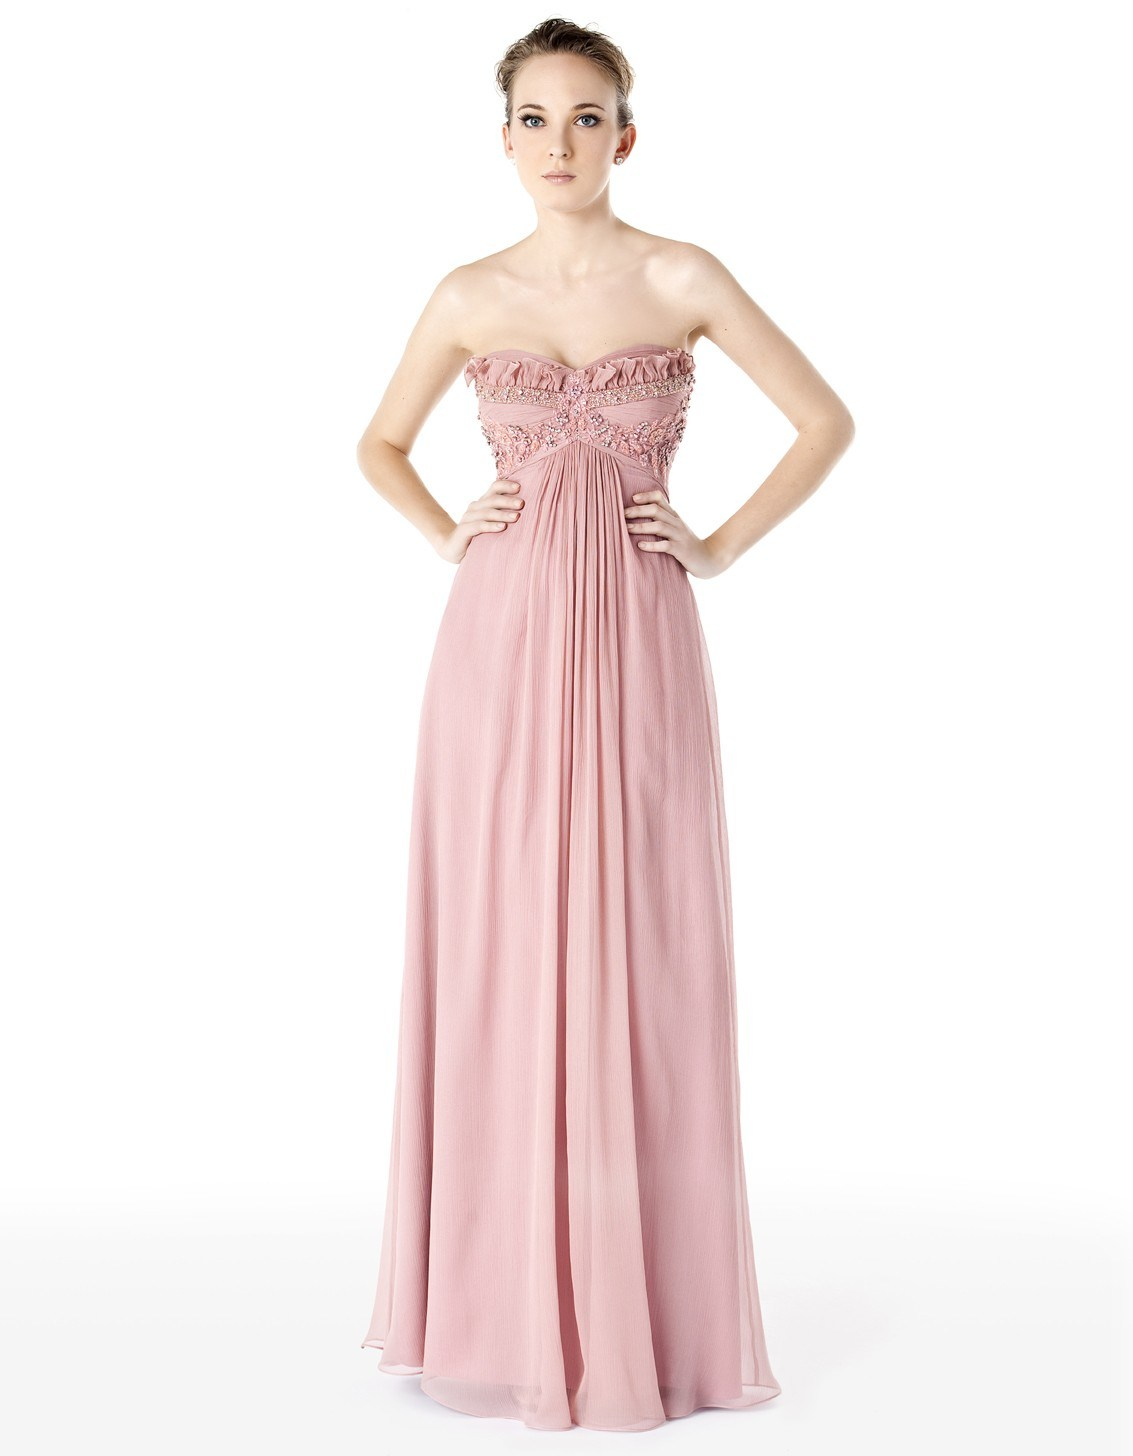 China Light Pink Strapless Chiffon Prom Dress PD015